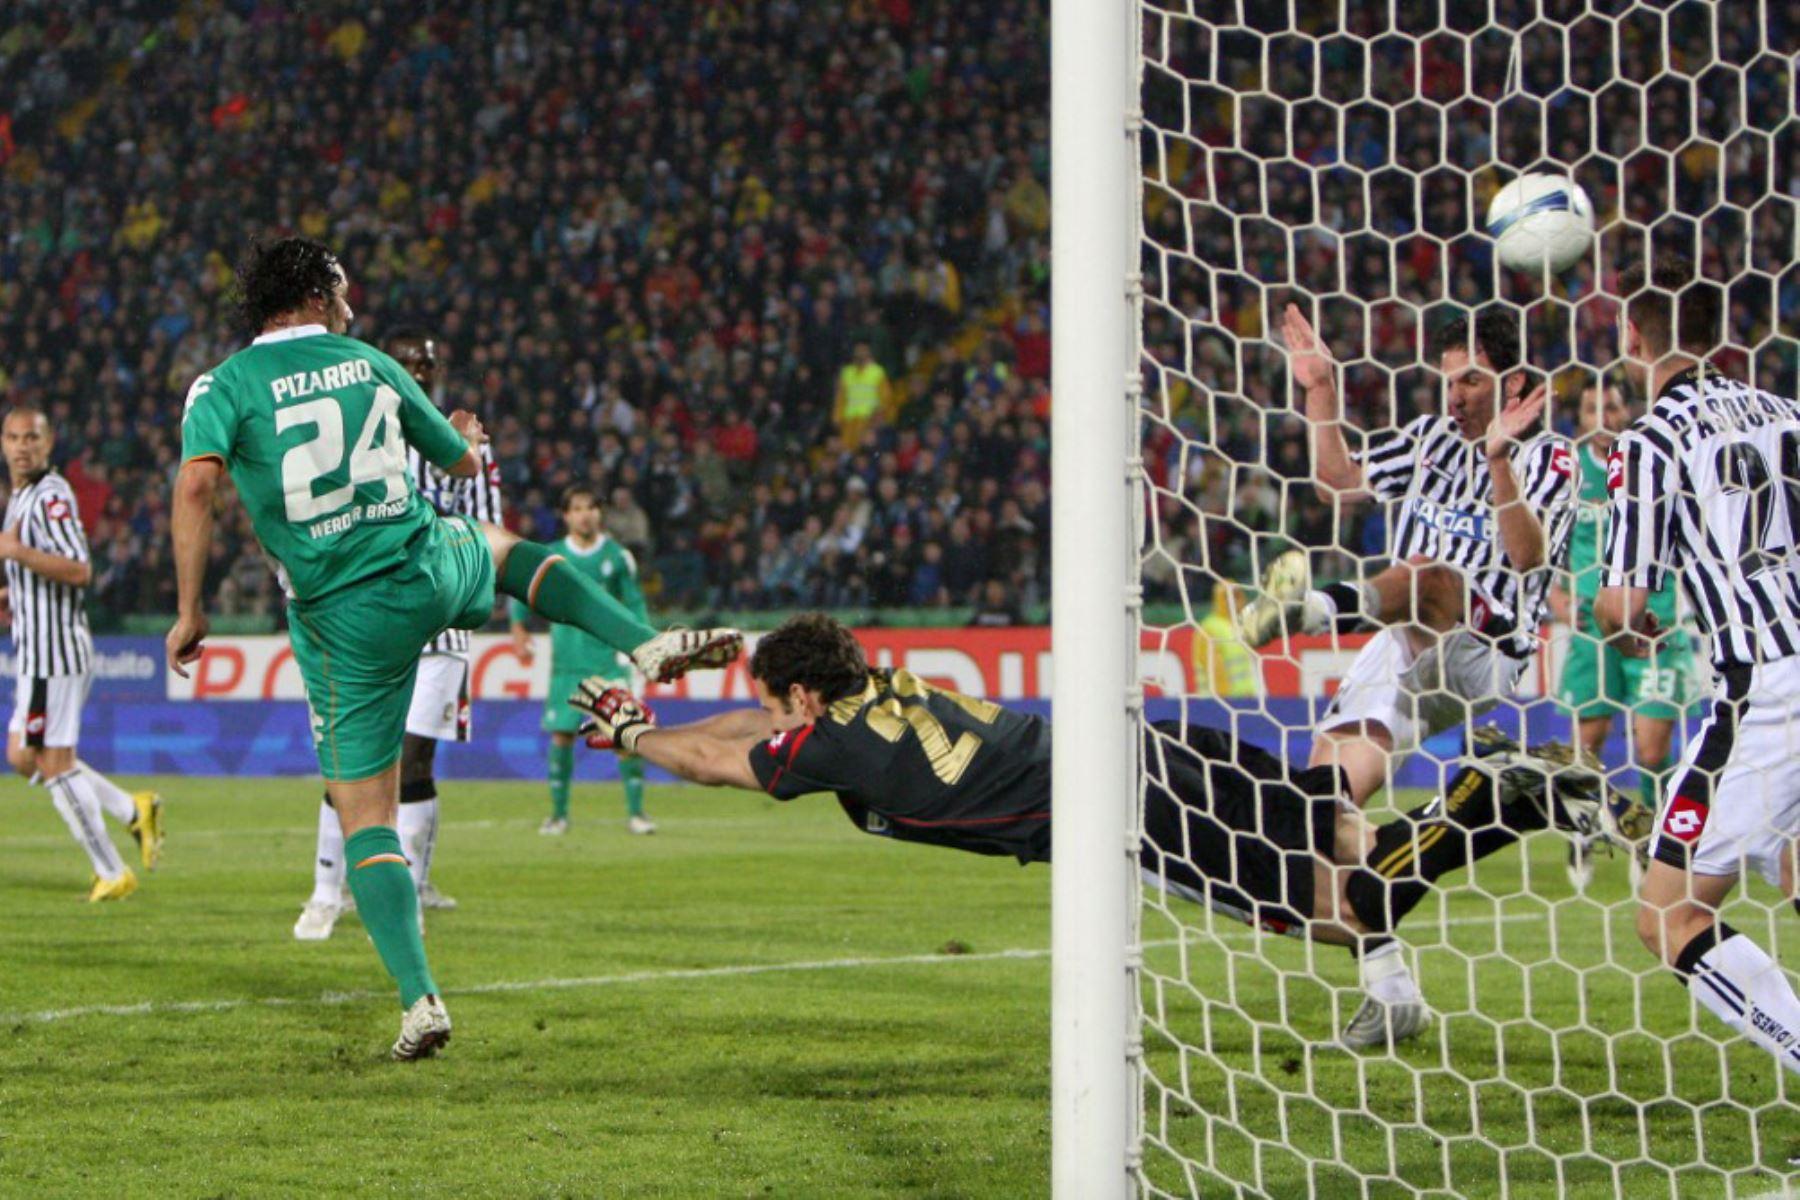 Claudio Pizzaro  del Werder Bremen anota contra el Udinese durante su partido de cuartos de final de la Copa de la UEFA. Foto: AFP